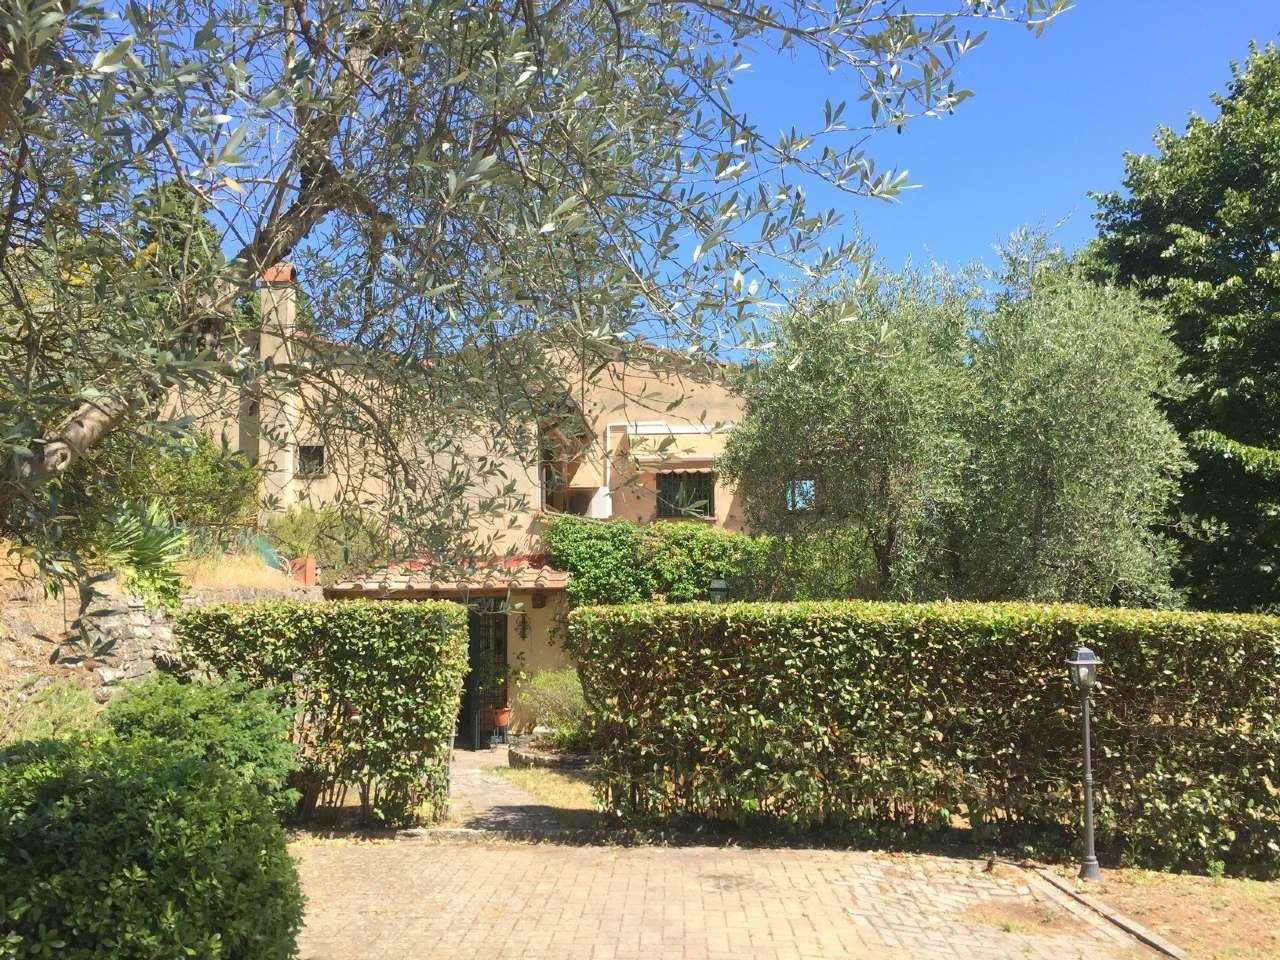 Villa in vendita a Fiesole, 6 locali, prezzo € 1.050.000 | CambioCasa.it